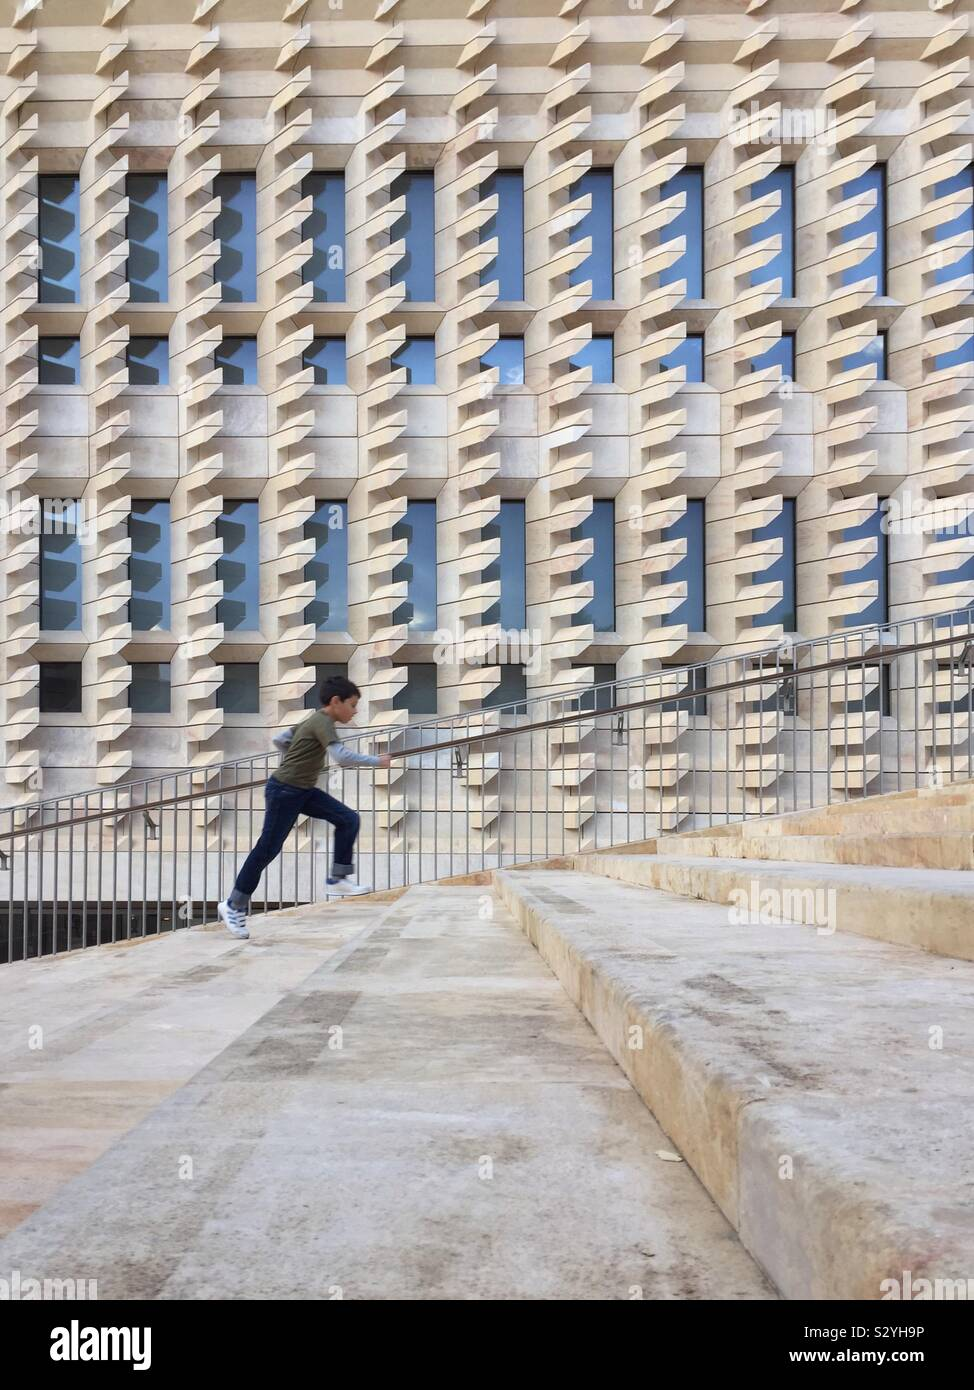 Niño corriendo escaleras arriba en la Valetta, Malta. Renzo Piano Building en el fondo Foto de stock